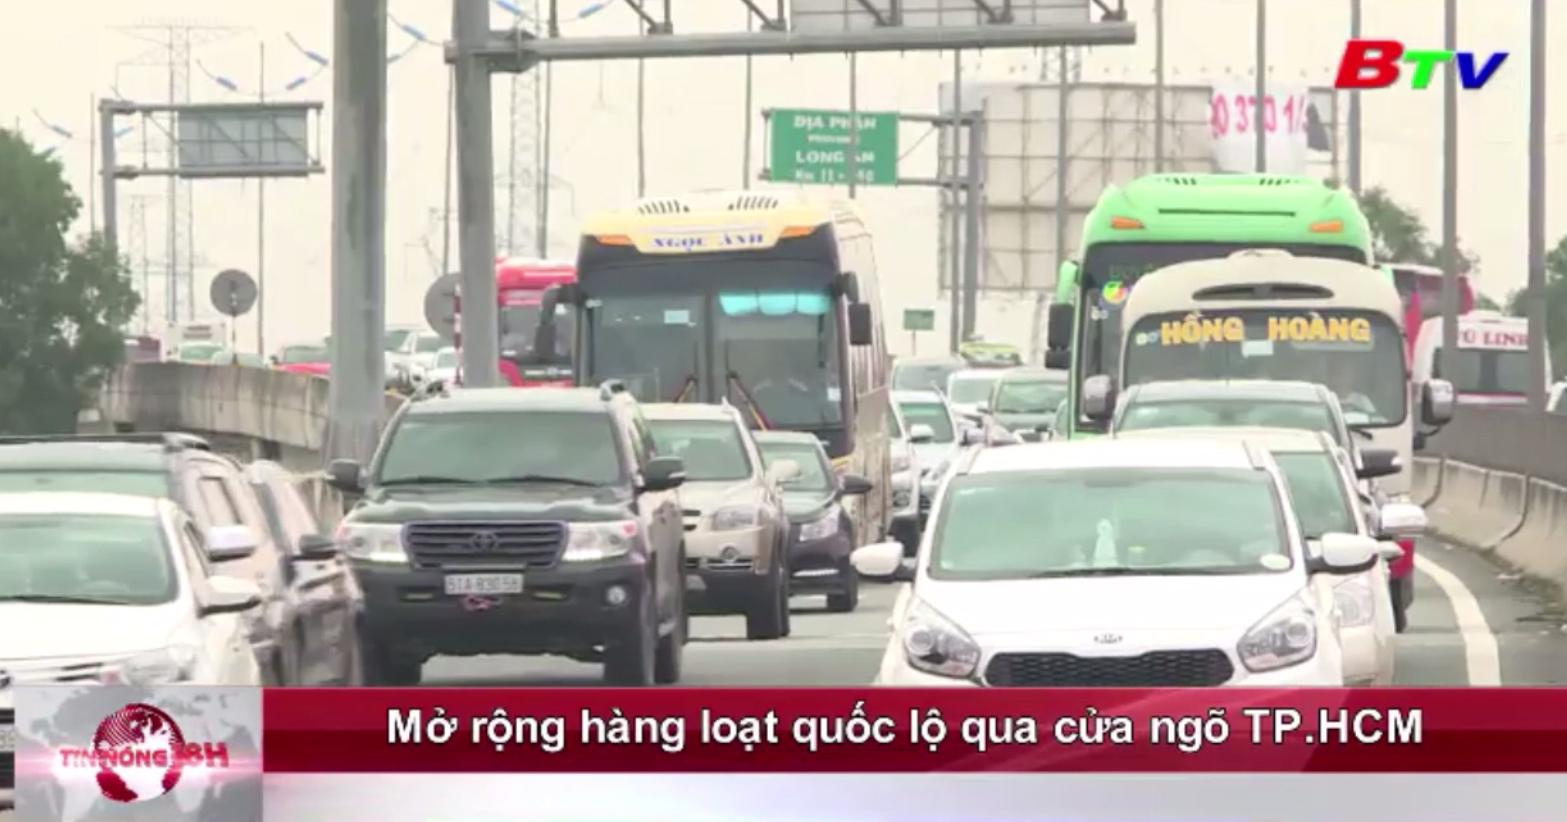 Mở rộng hàng loạt quốc lộ qua cửa ngõ TP.HCM